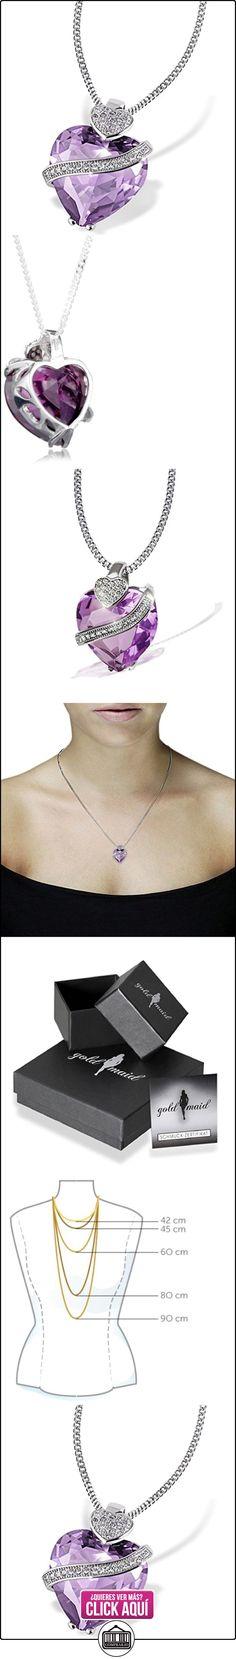 Goldmaid Fa C836S - Collar para mujer, con plata de ley (925/1000) y circonita corte corazón, tamaño de 45 centímetros  ✿ Joyas para mujer - Las mejores ofertas ✿ ▬► Ver oferta: https://comprar.io/goto/B0027CS56K